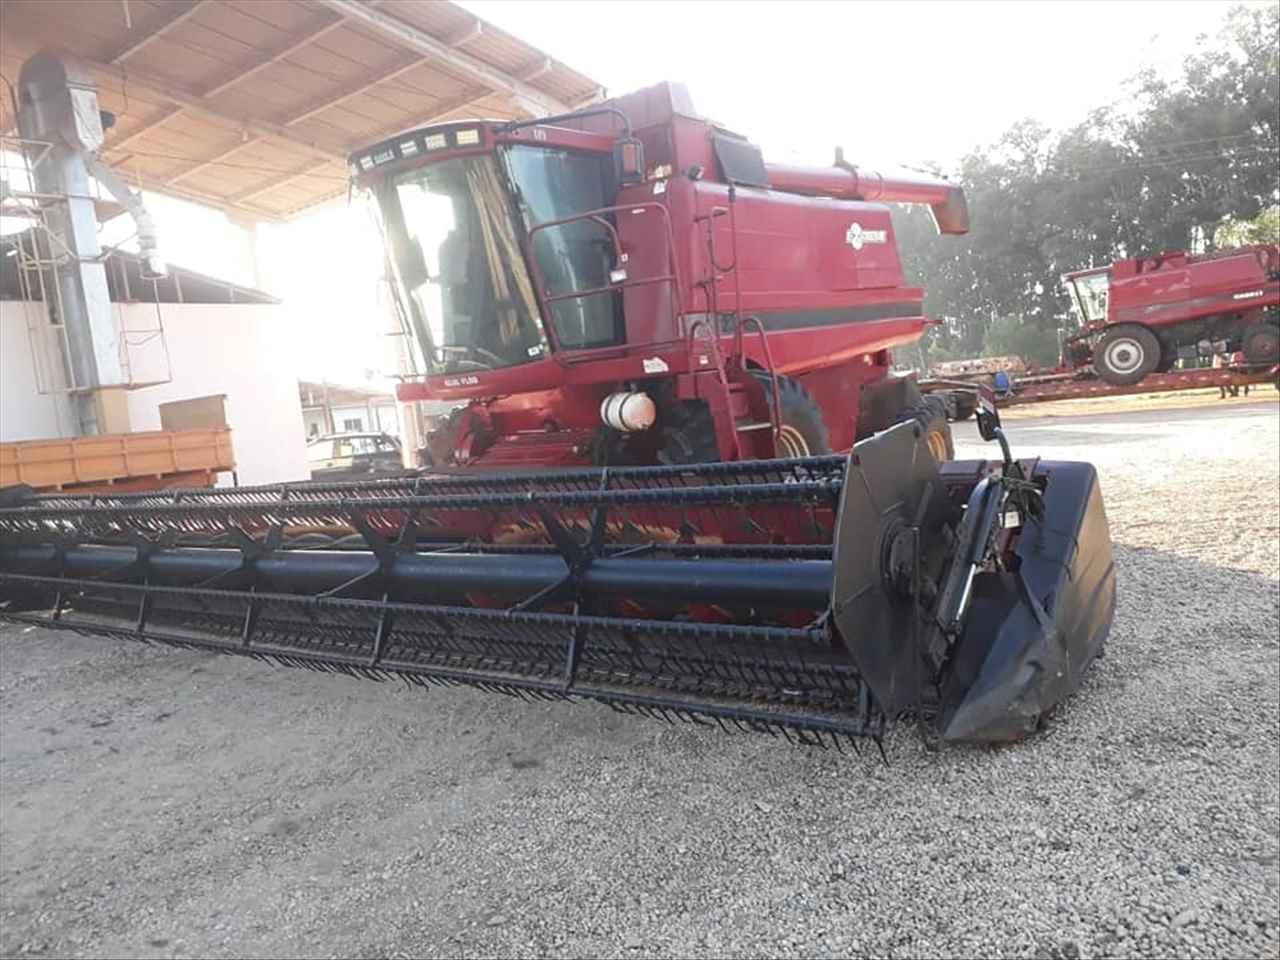 COLHEITADEIRA CASE CASE 2388 Só Agrícola Máquinas e Peças BARRETOS SÃO PAULO SP